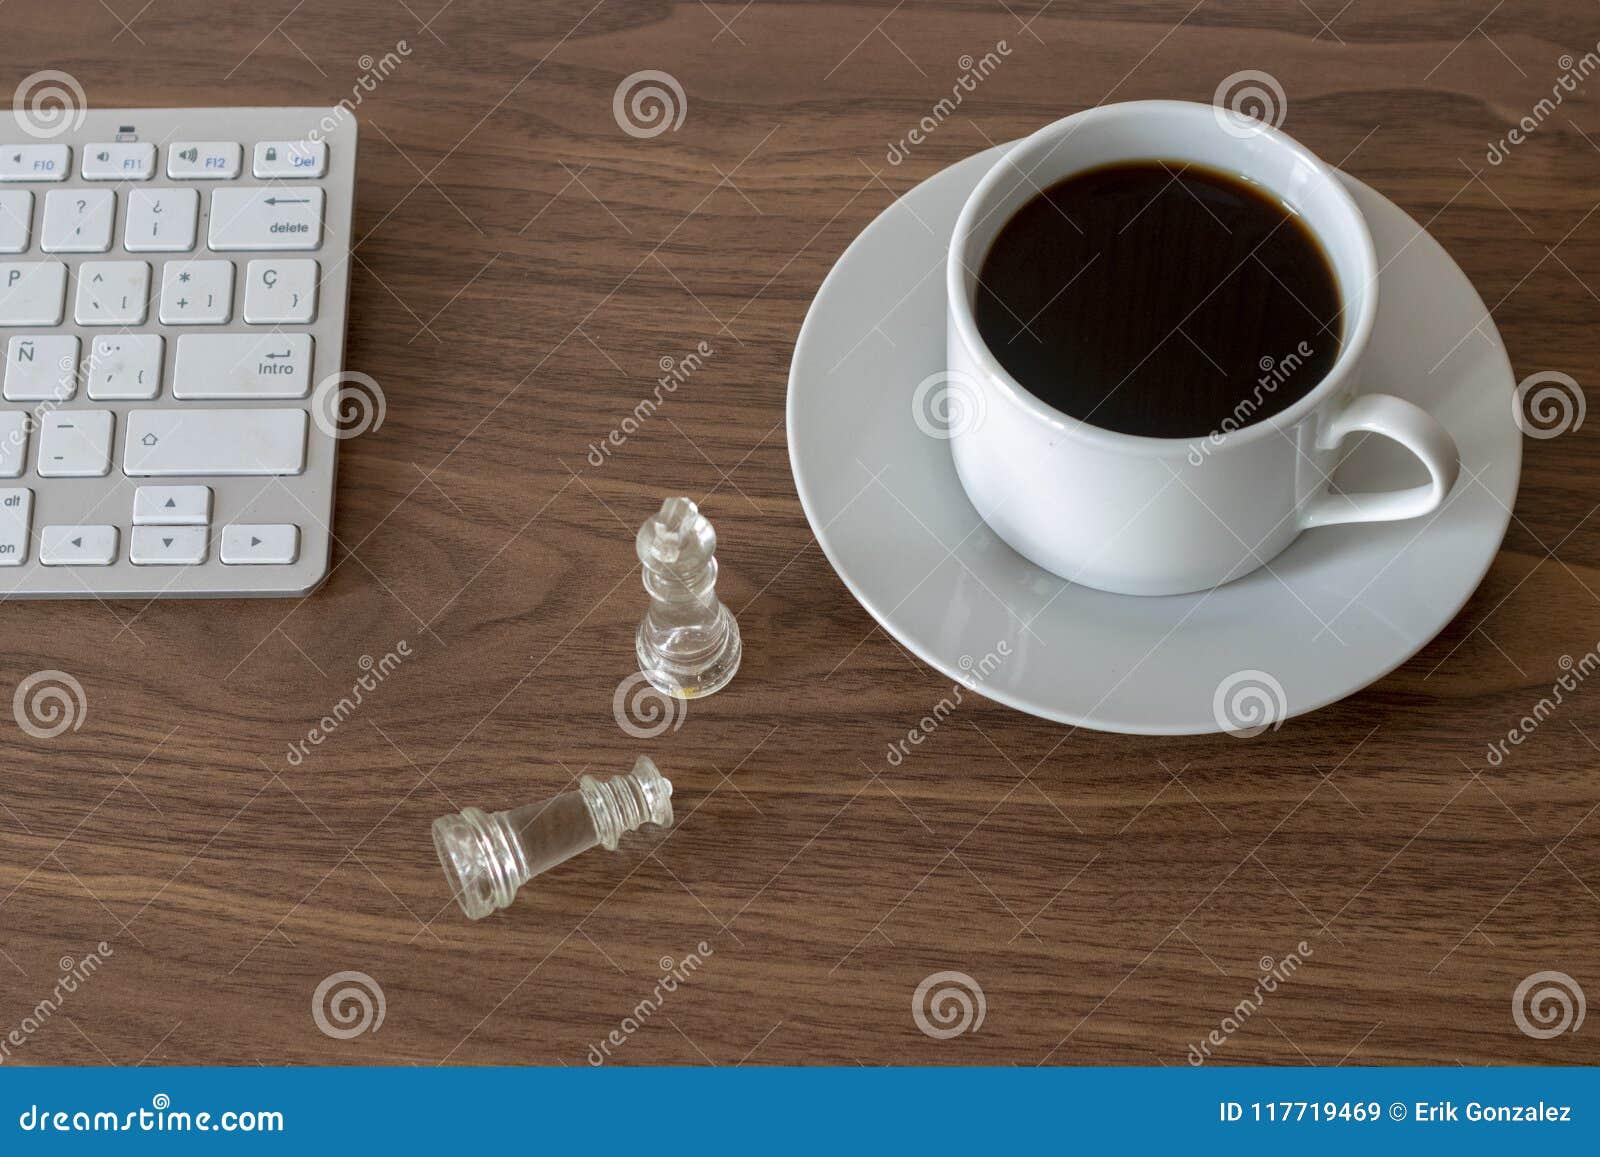 Travaillez le bureau représentant la stratégie et un café